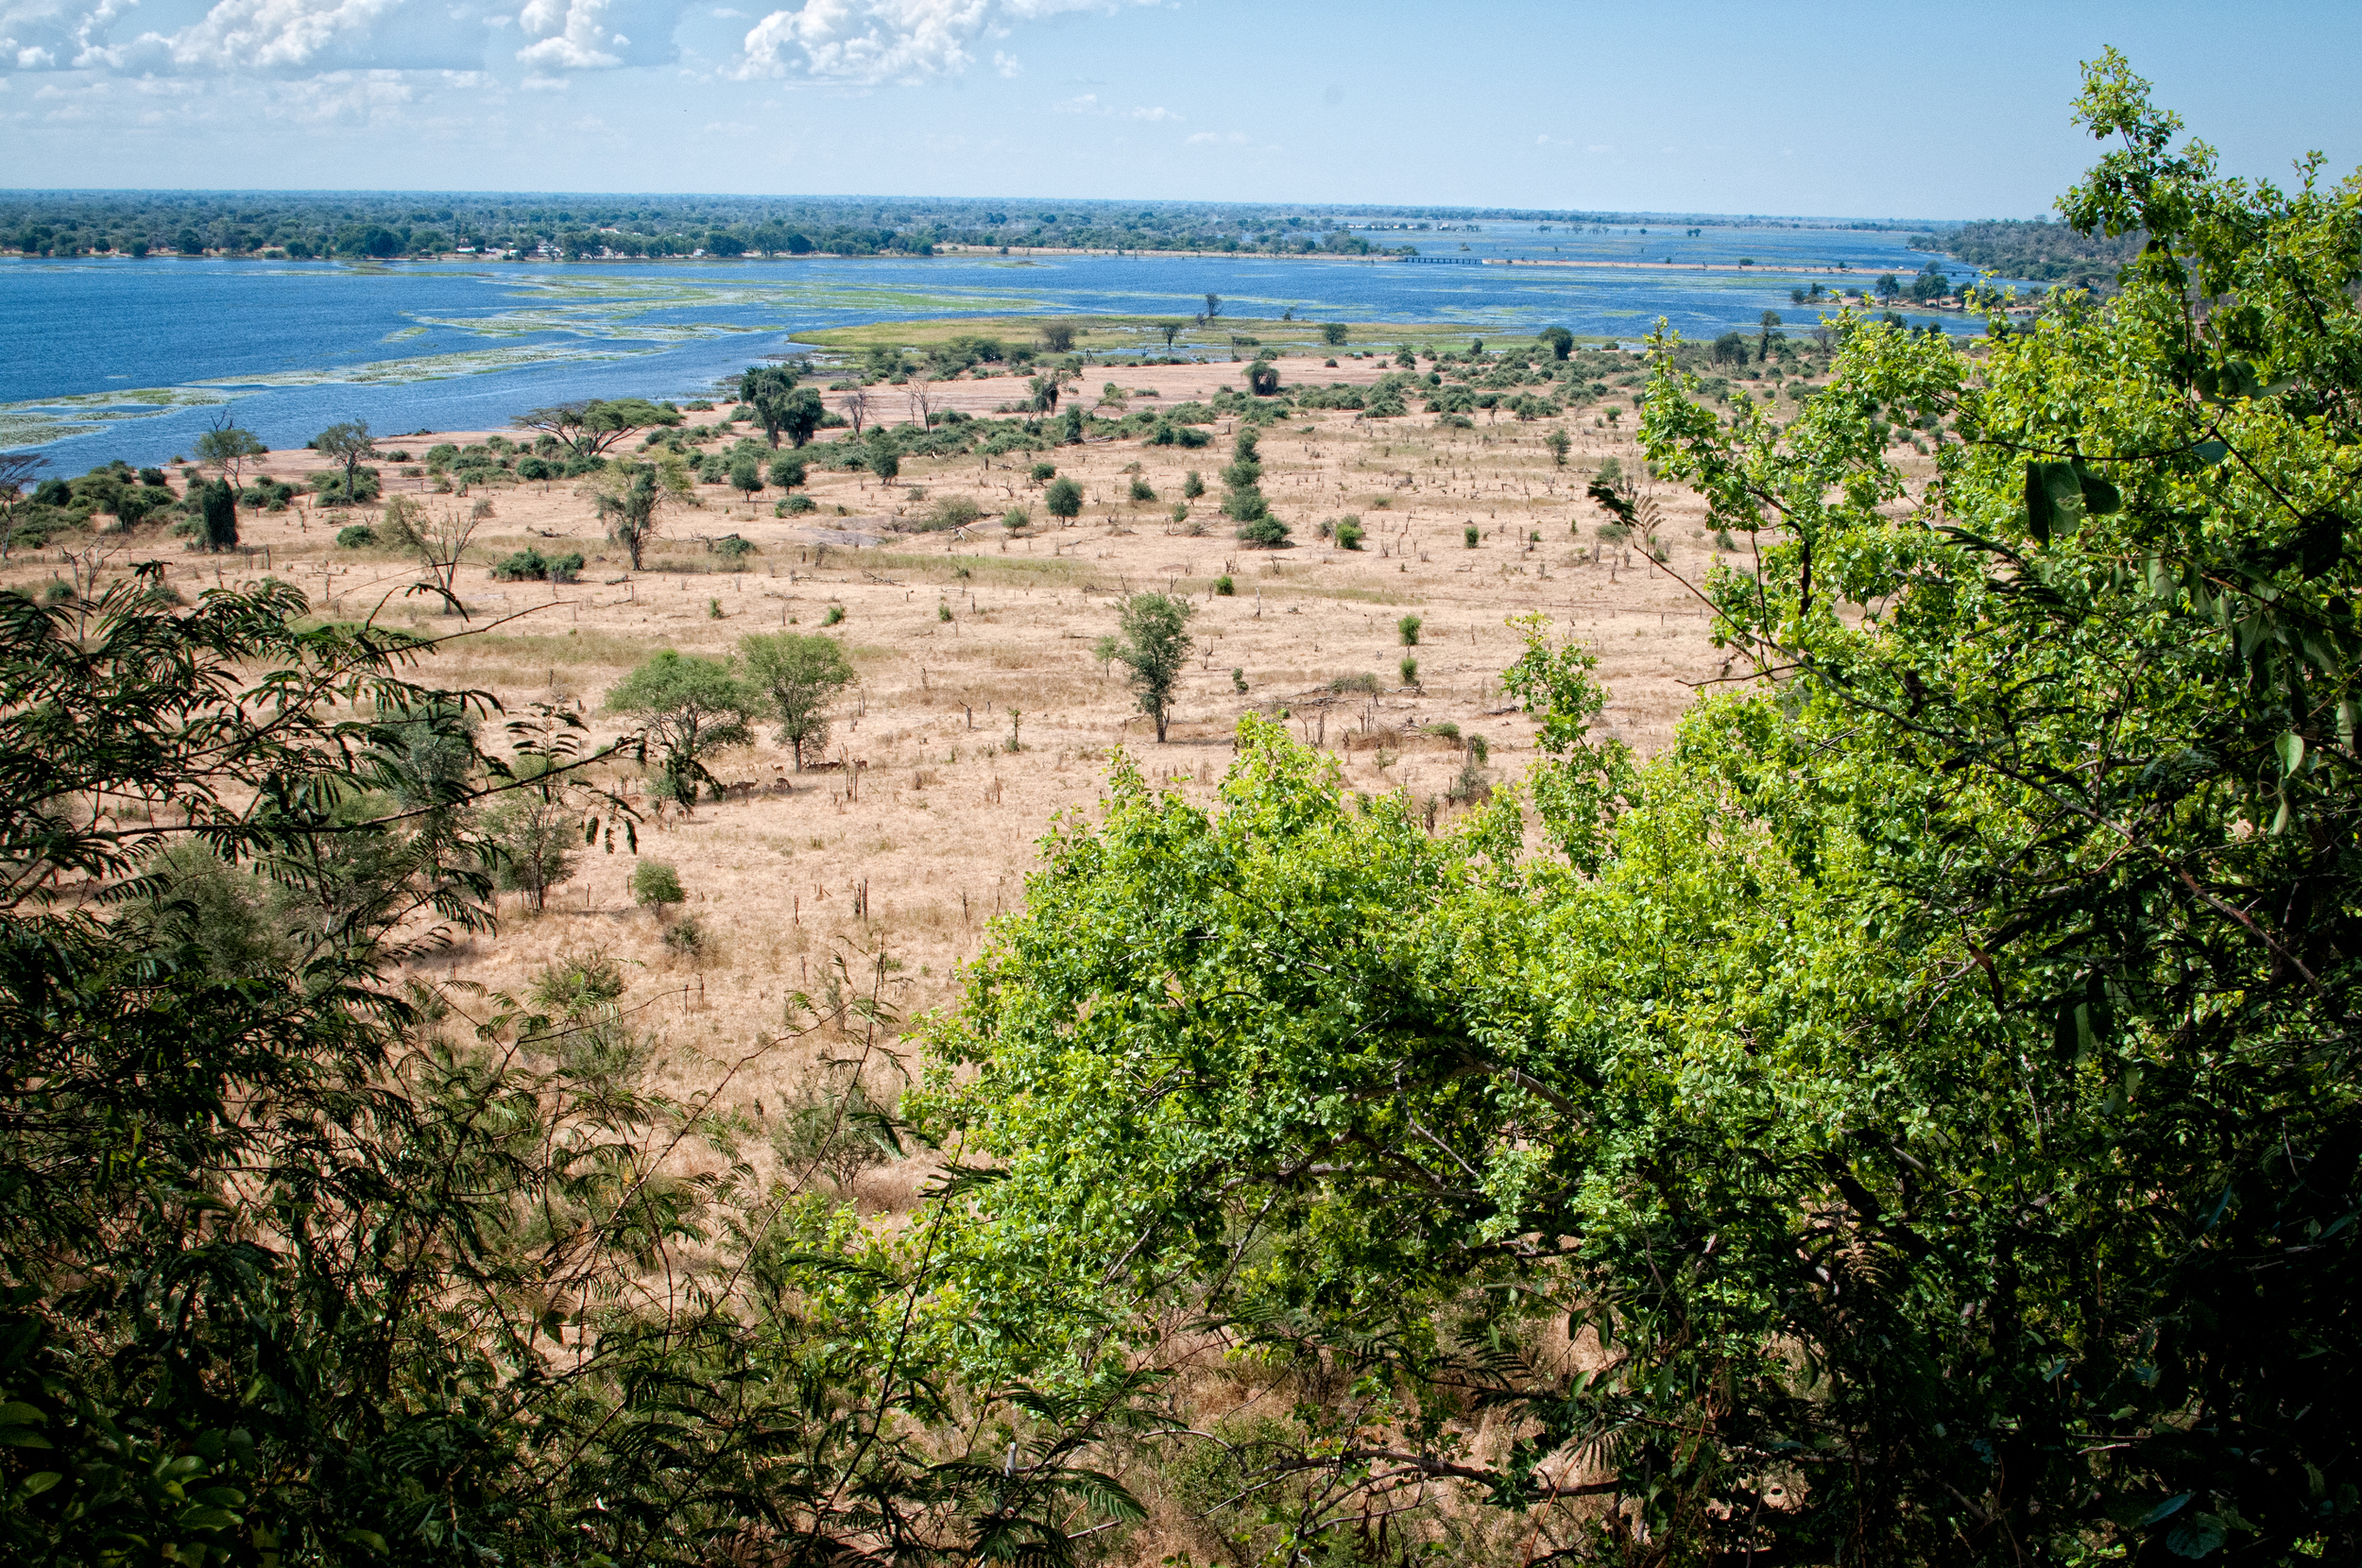 View from Muchenje Lodge, Botswana